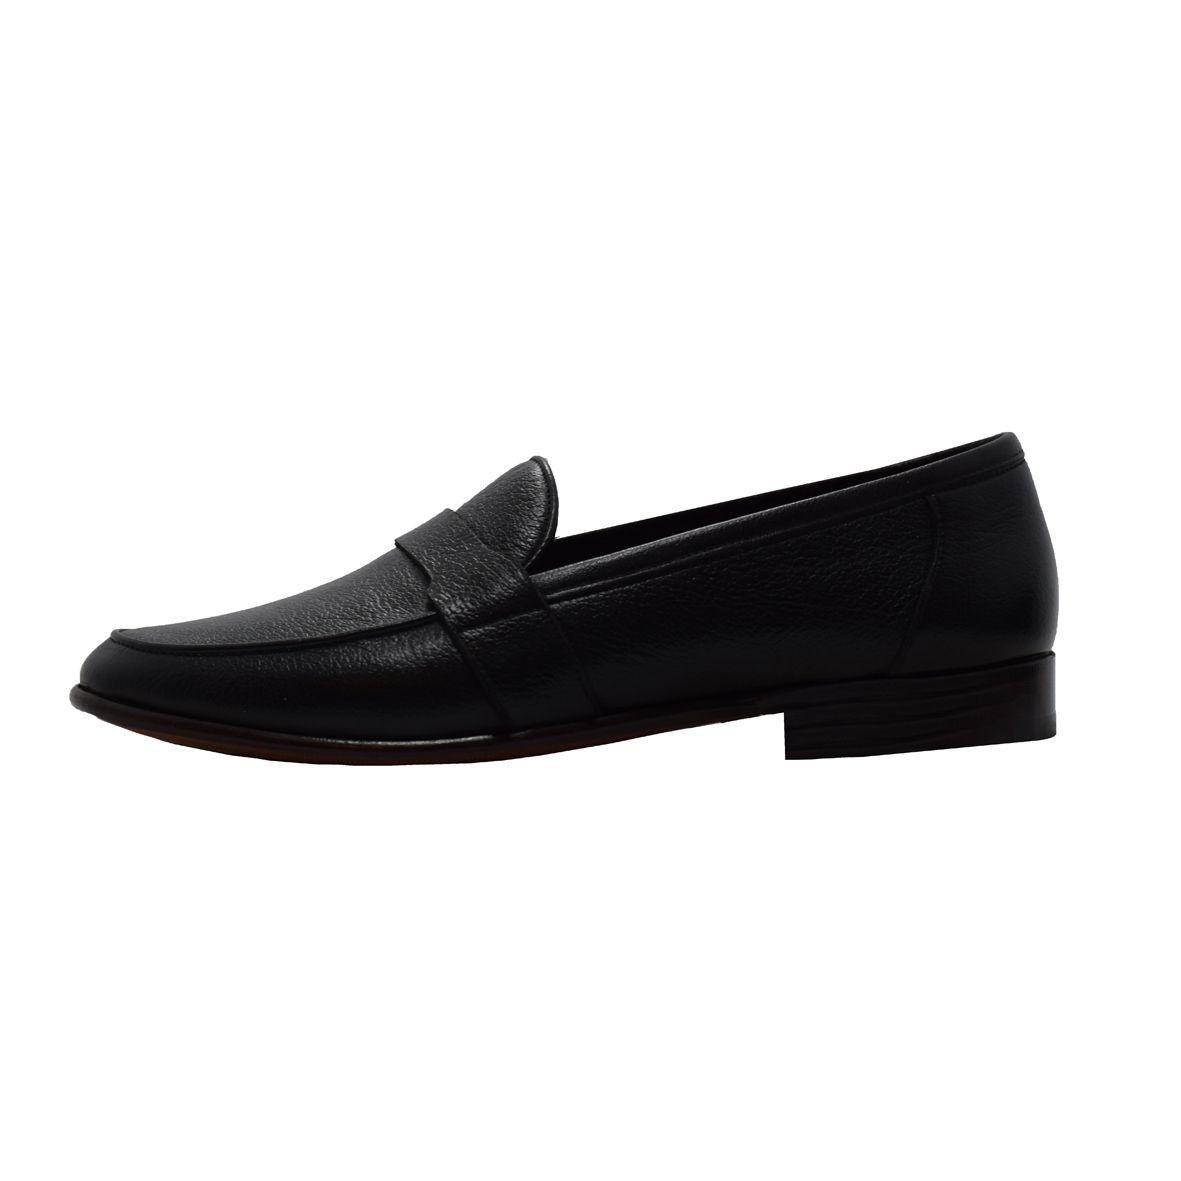 کفش زنانه دگرمان مدل فرین کد deg.1505-601 -  - 1